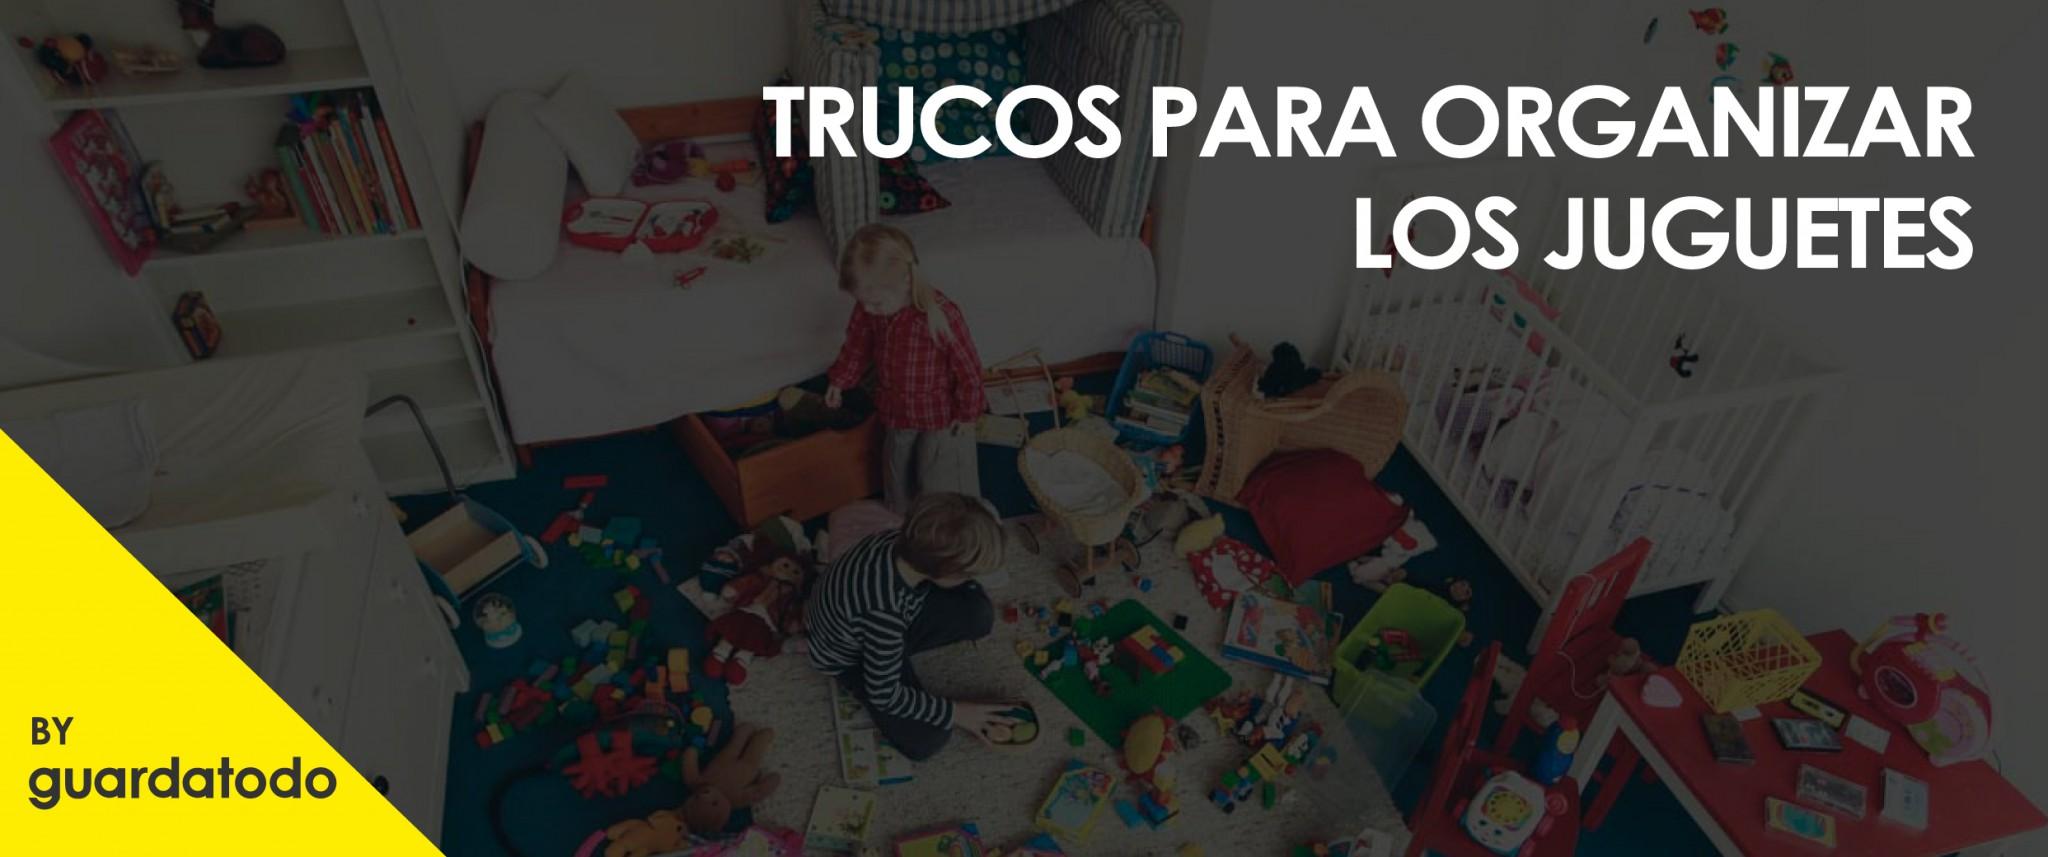 trucos para organizar los juguetes cabecera-01